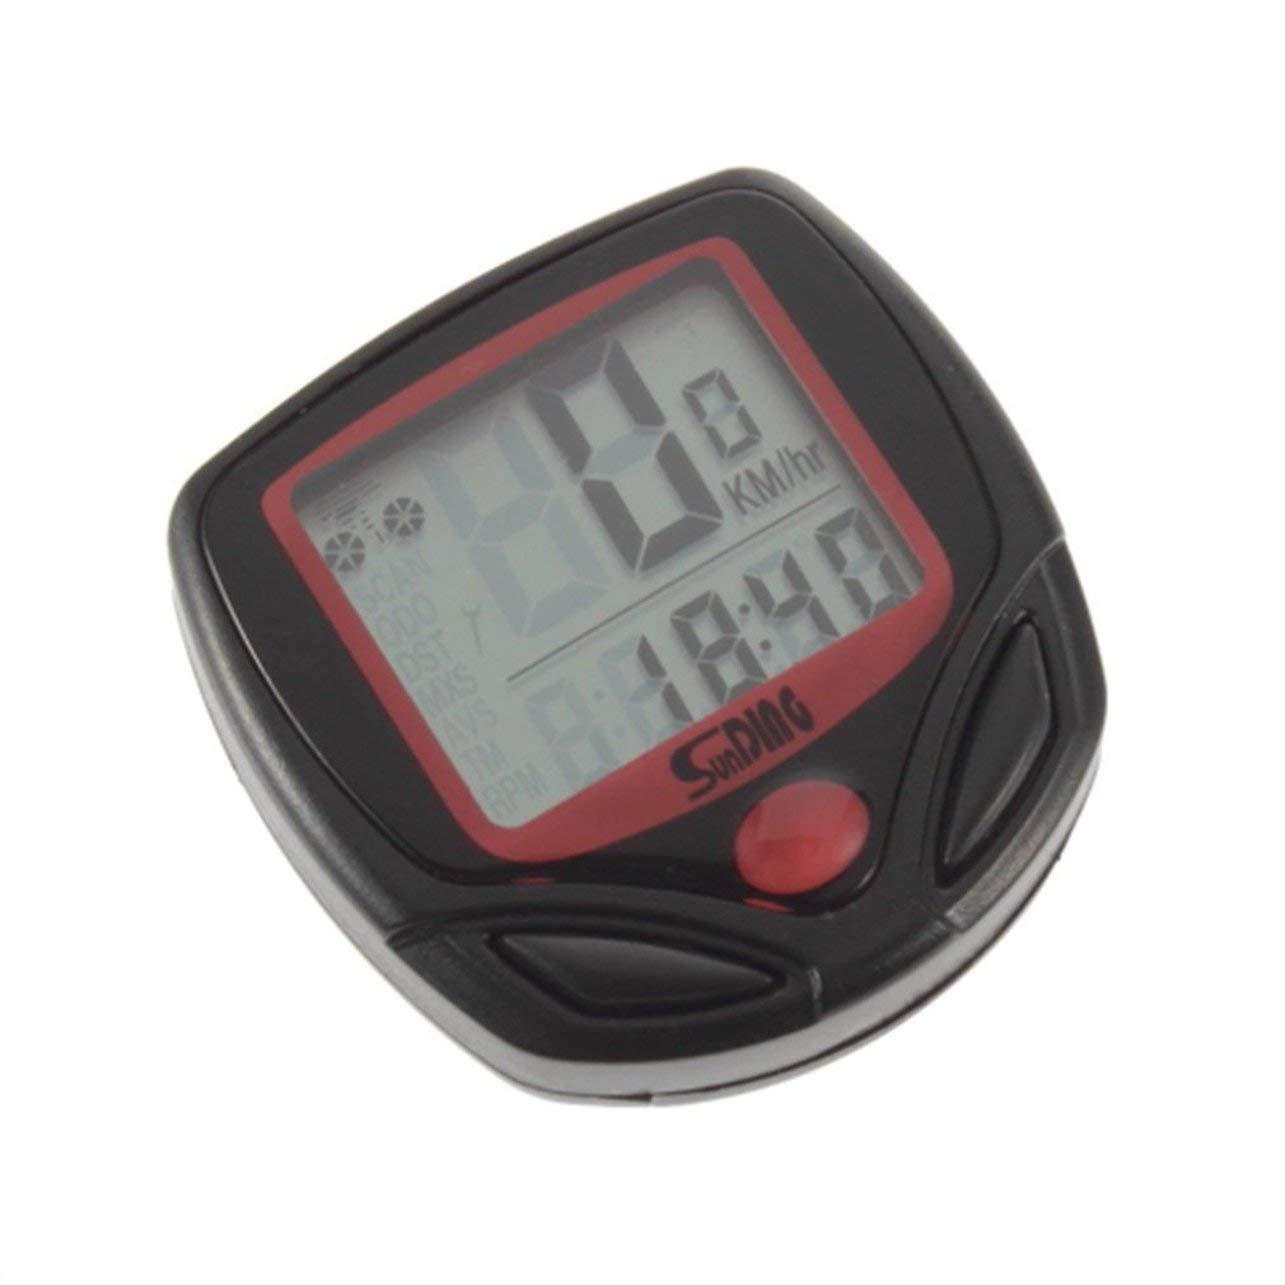 Dailyinshop Contachilometri per Bicicletta Contachilometri per Bici Contagiri LCD per Computer LCD Contachilometri contachilometri Cronometro per Bici SD-548B